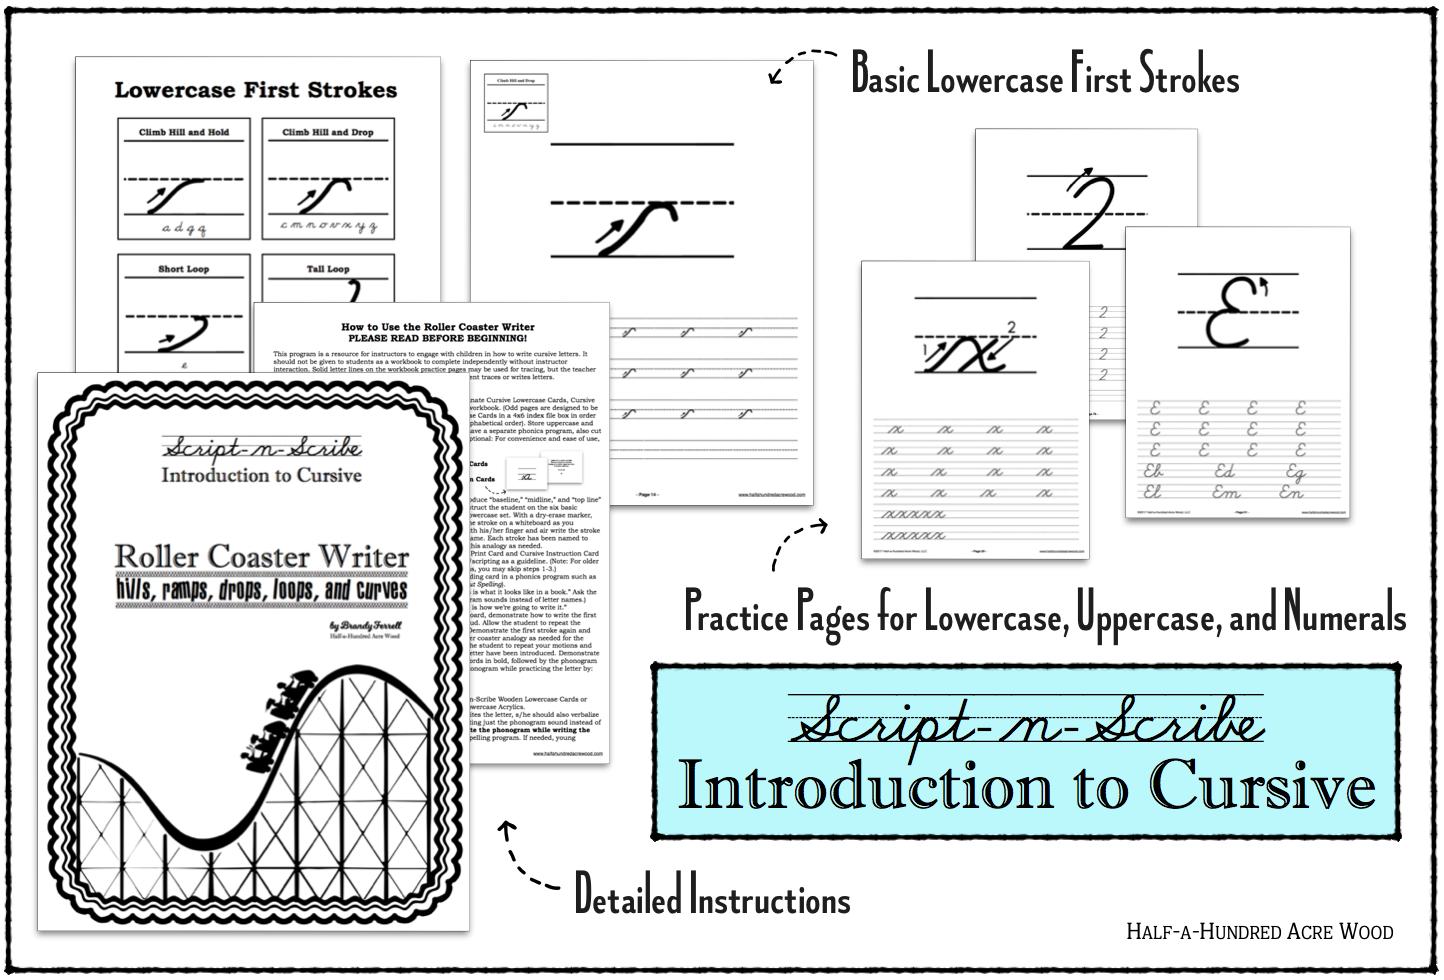 worksheet cursive instruction yaqutlab free worksheet. Black Bedroom Furniture Sets. Home Design Ideas